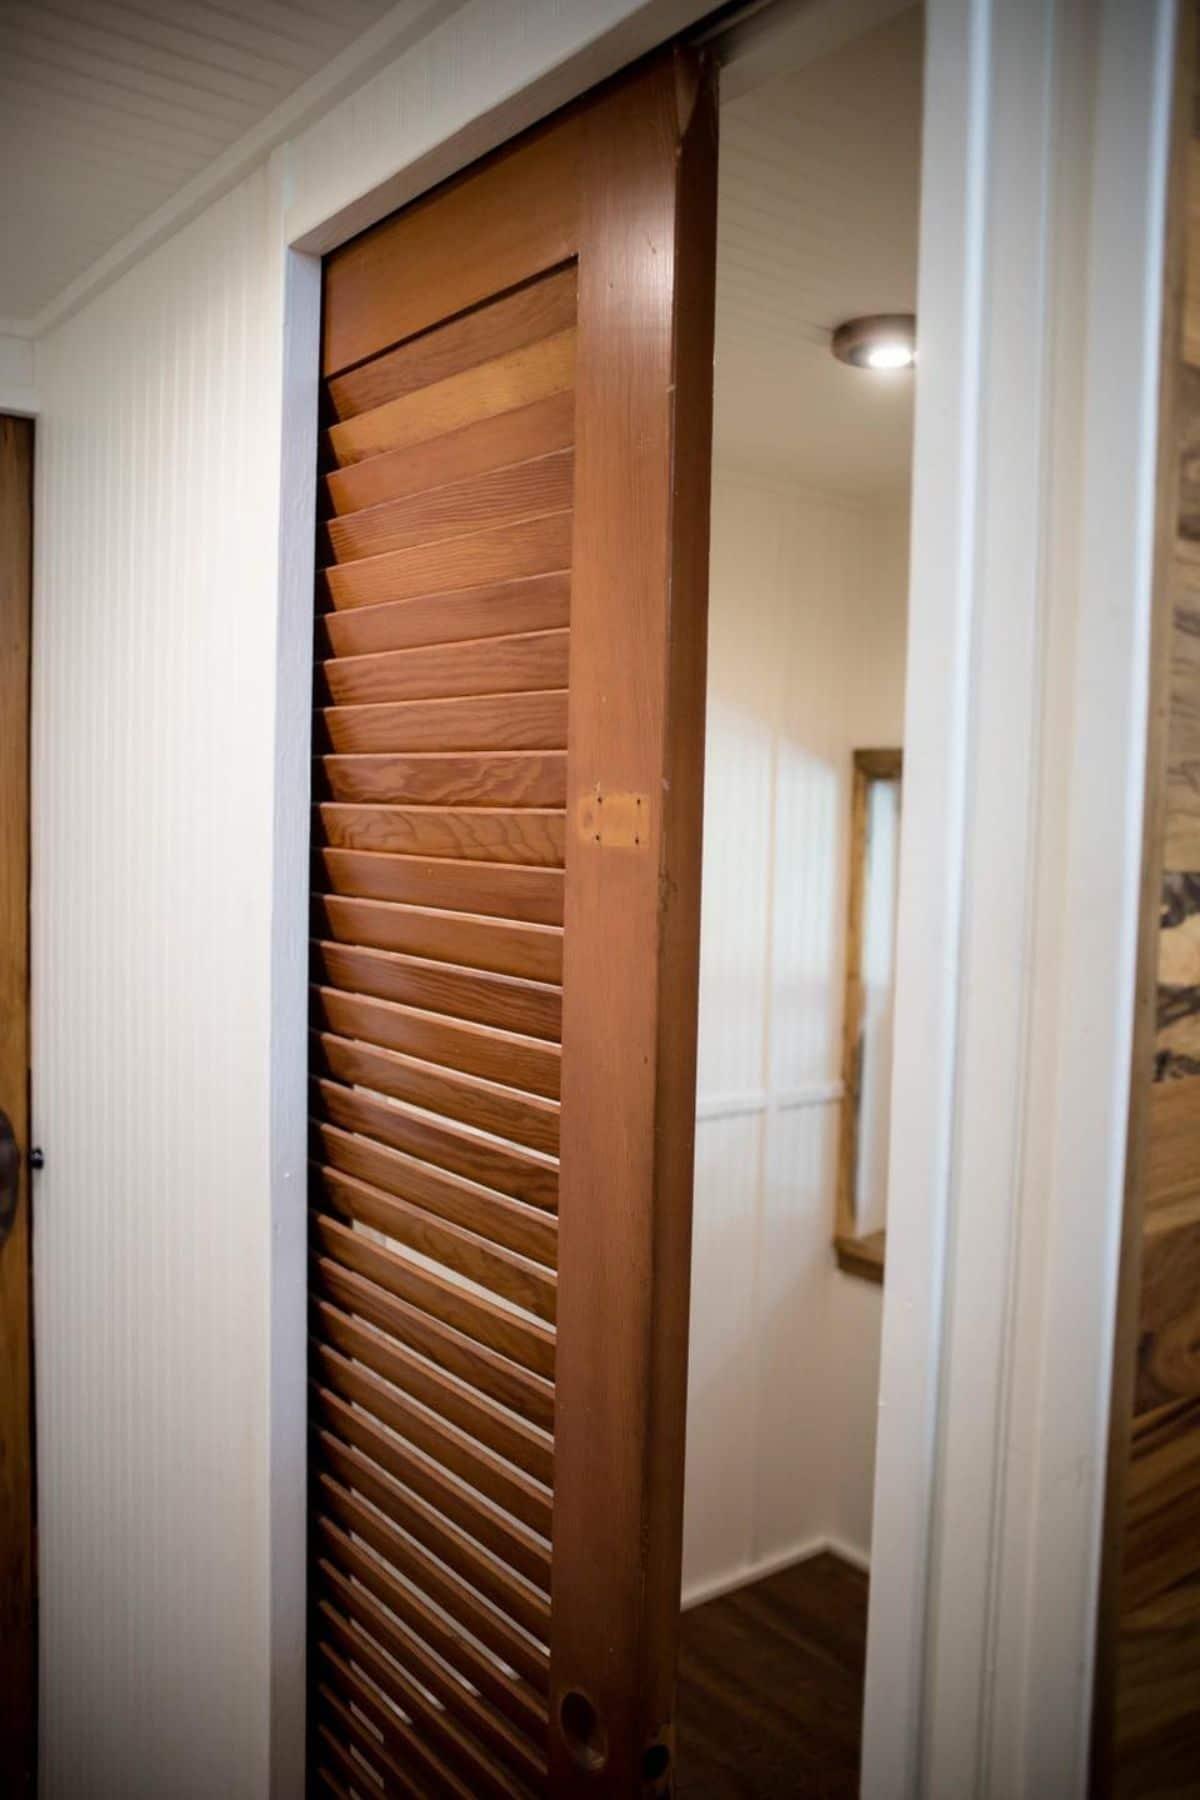 door half open to small bedroom